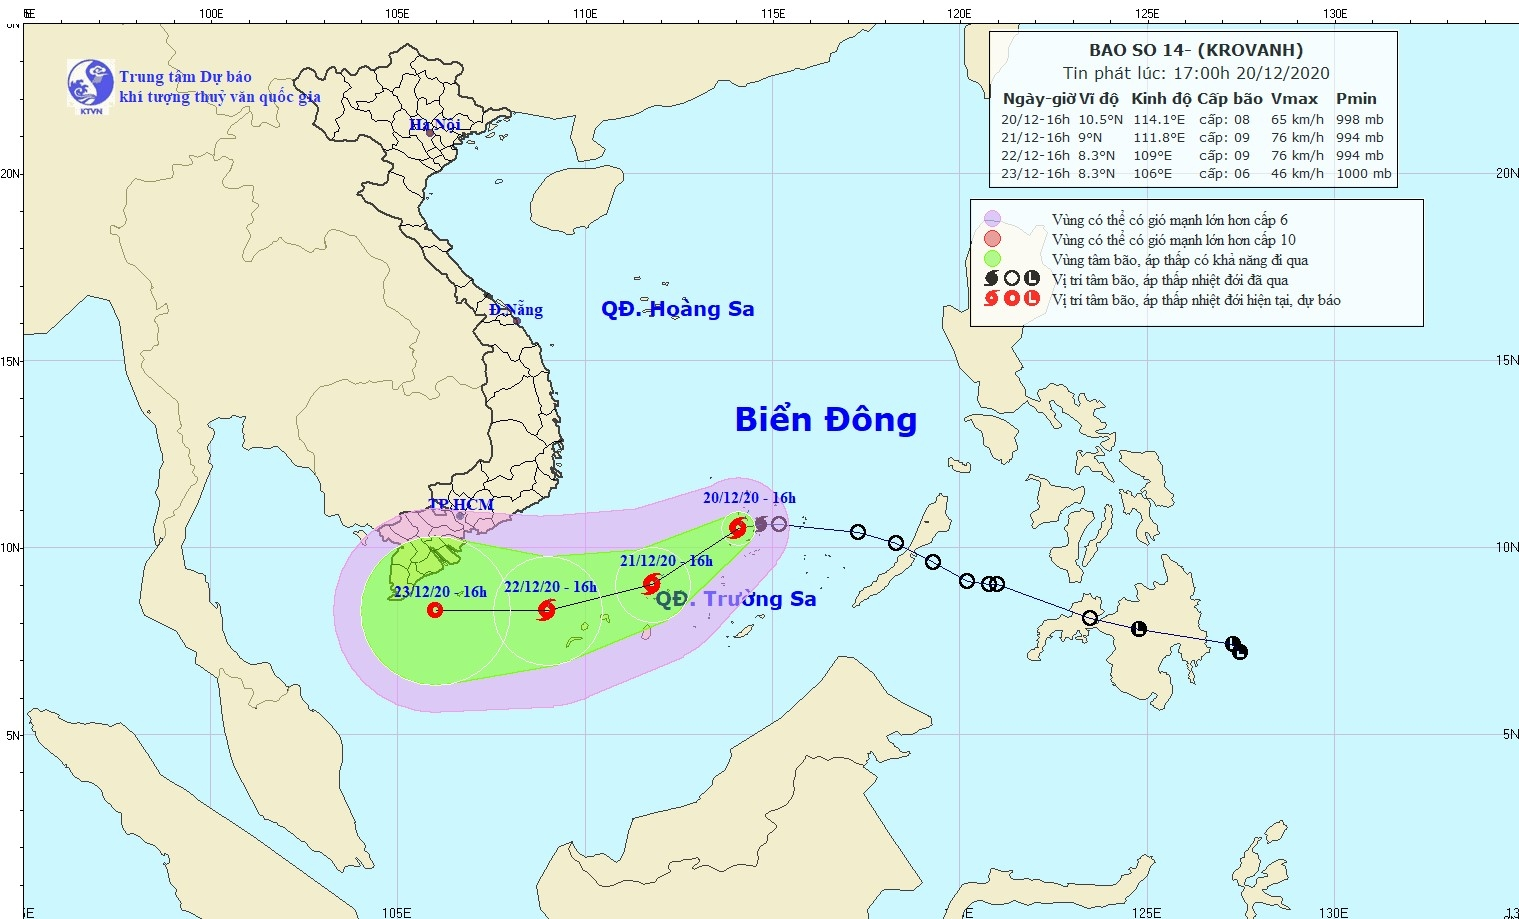 cơn bão số 14 sẽ gây ảnh hưởng đến vùng biển khu vực mỏ Bạch Hổ, Thiên Ưng, Rồng.